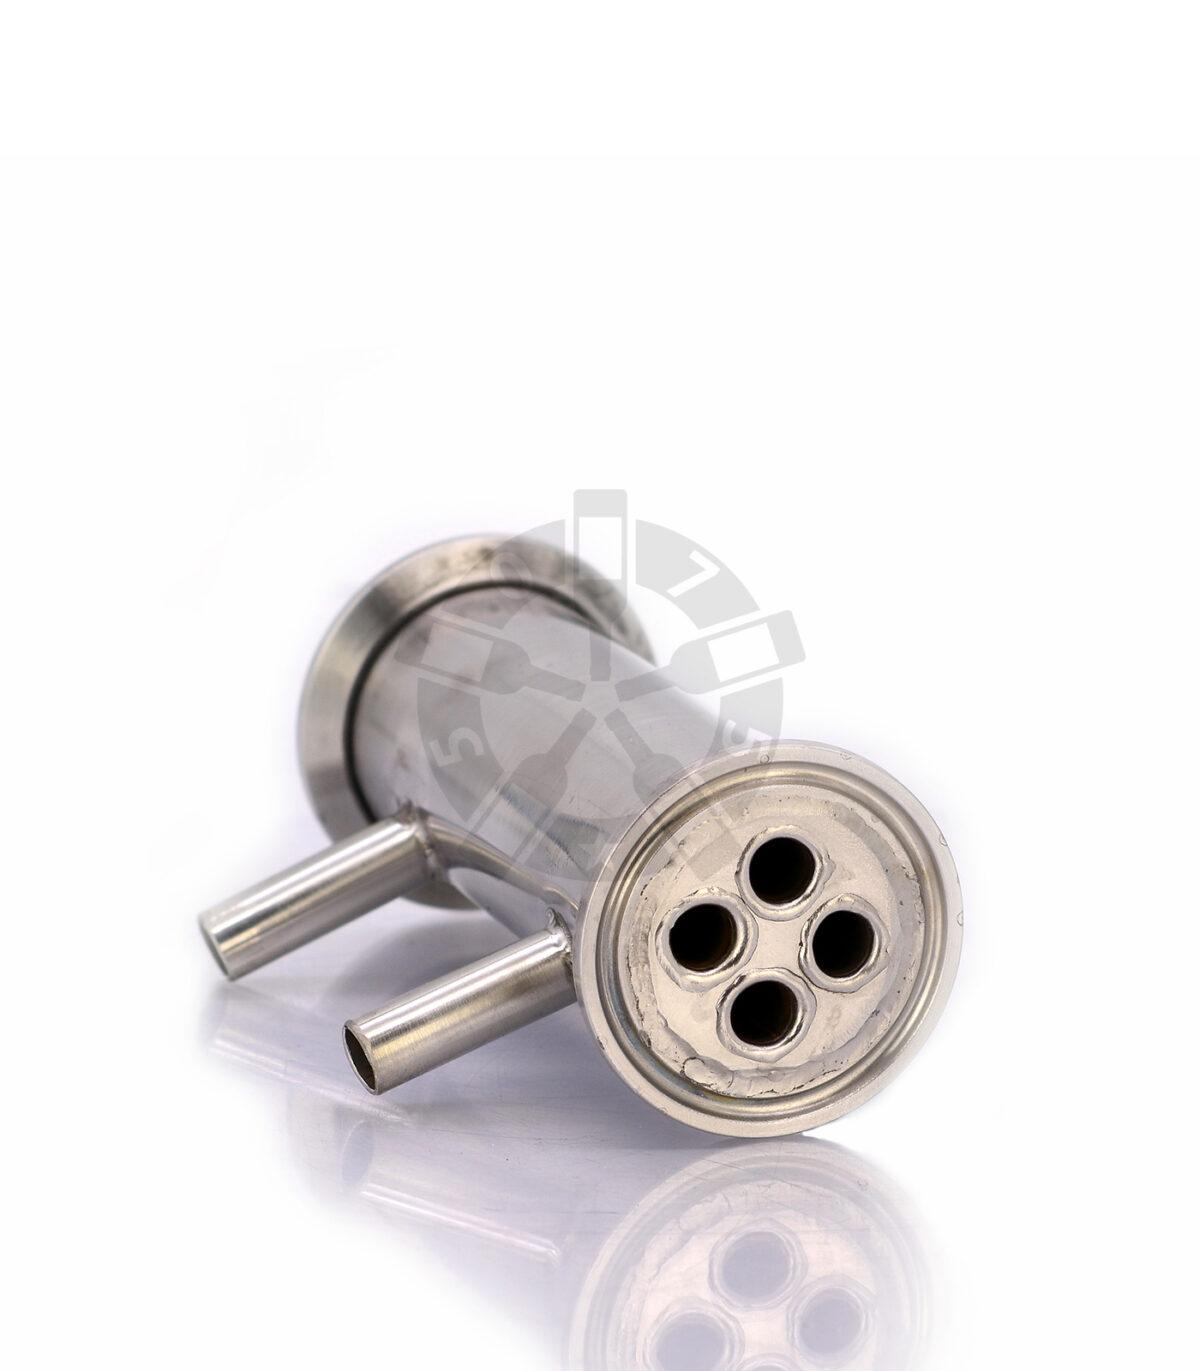 Дефлегматор трубчатый (длина 10 см, подключение 10 мм, 4 нитки) DN1.5